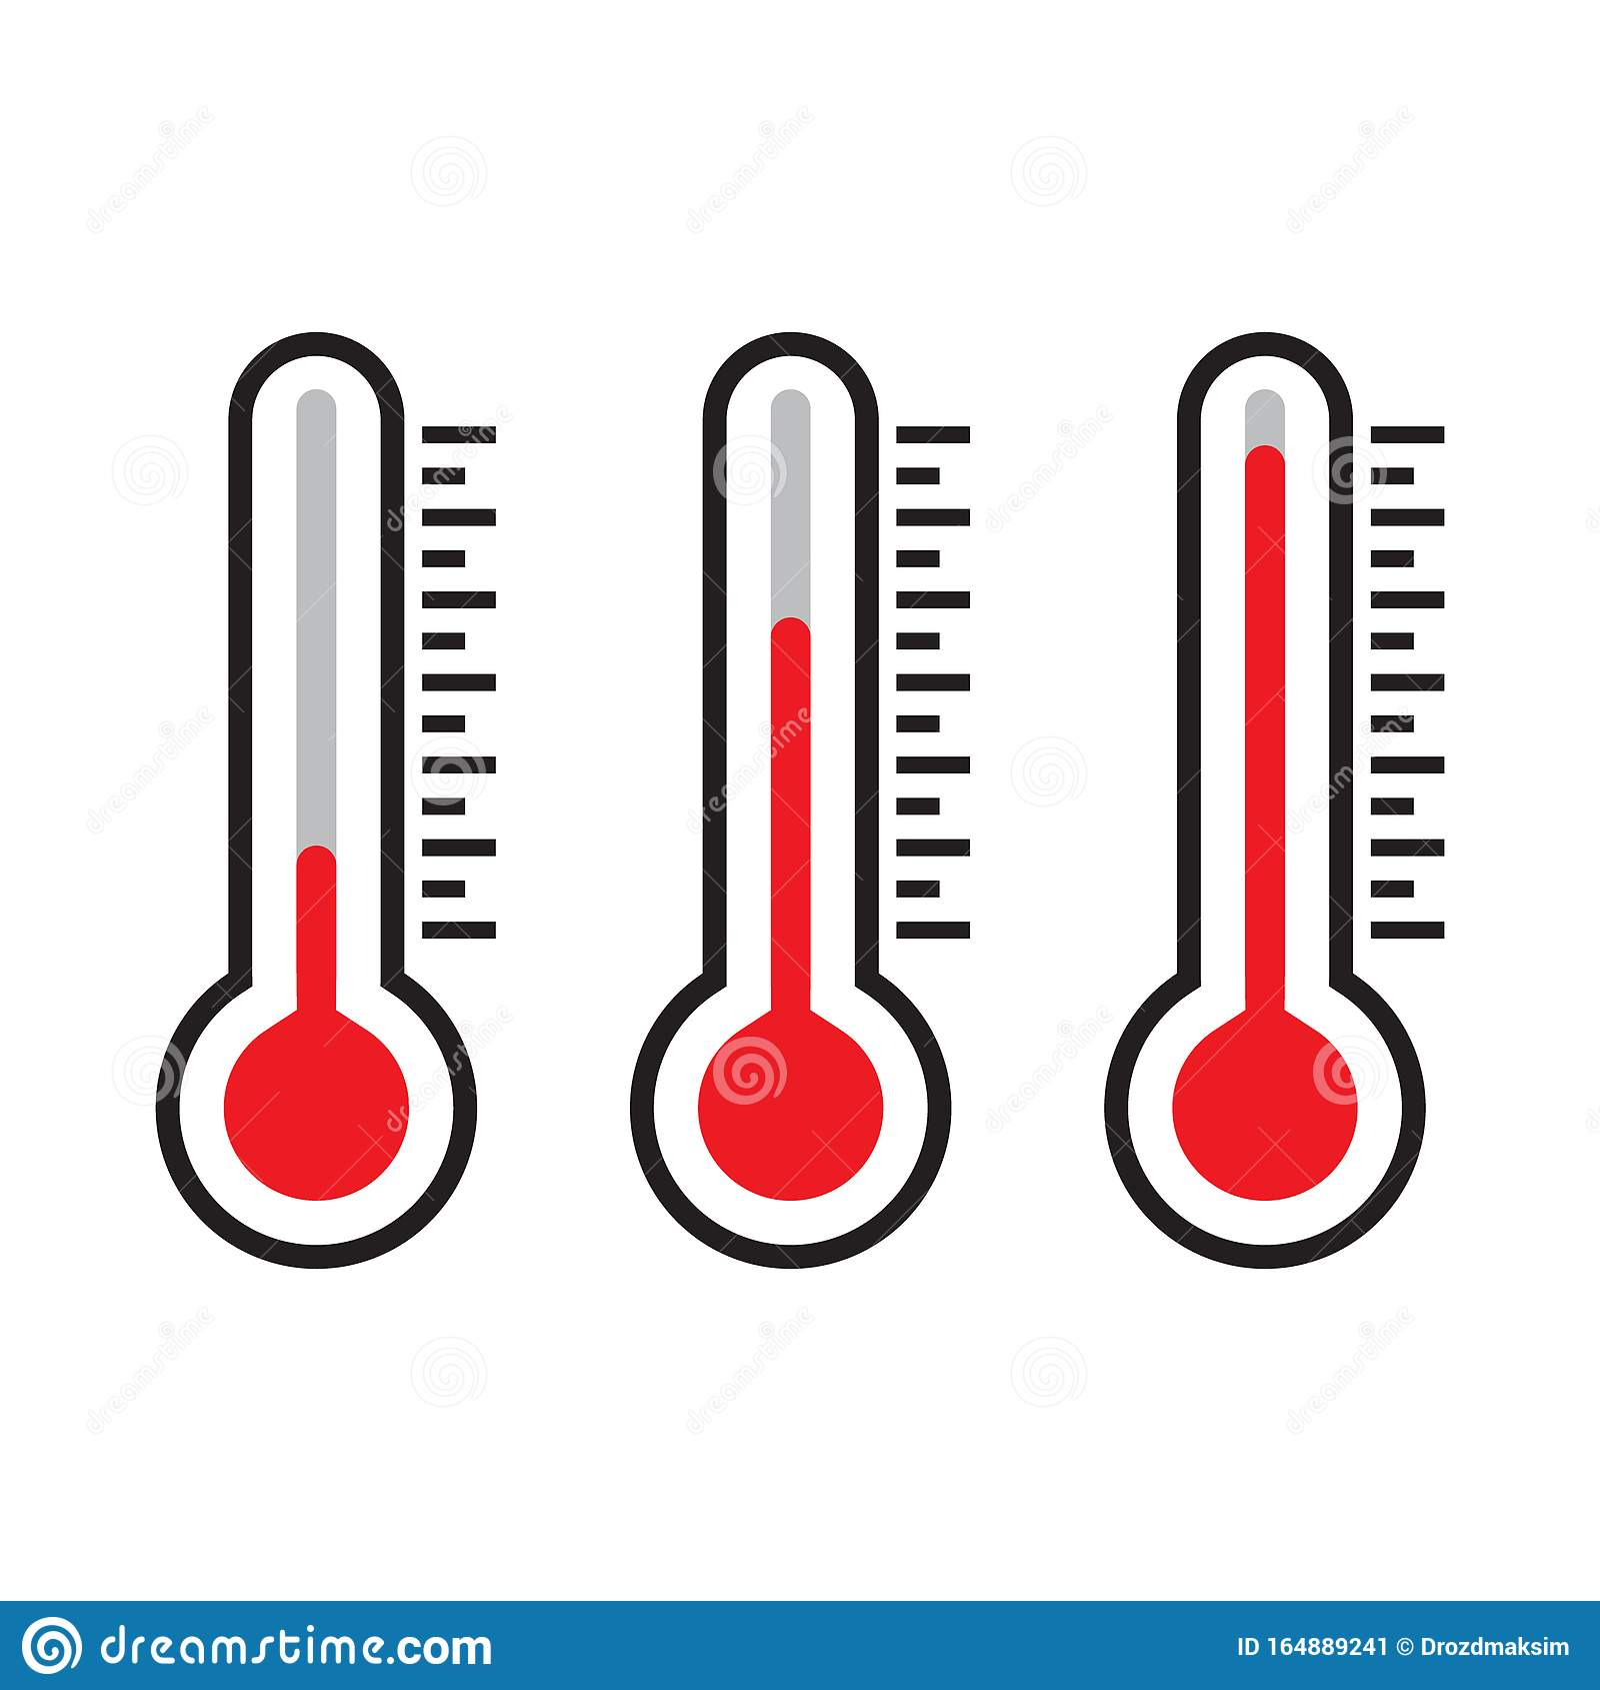 Icono Del Termometro Termometro Rojo Ilustracion Vectorial Aislada Ilustracion Del Vector Ilustracion De Vectorial Termometro 164889241 Descargue el vector de stock termómetro, medición, imagen vectorial icono de temperatura. vectorial aislada